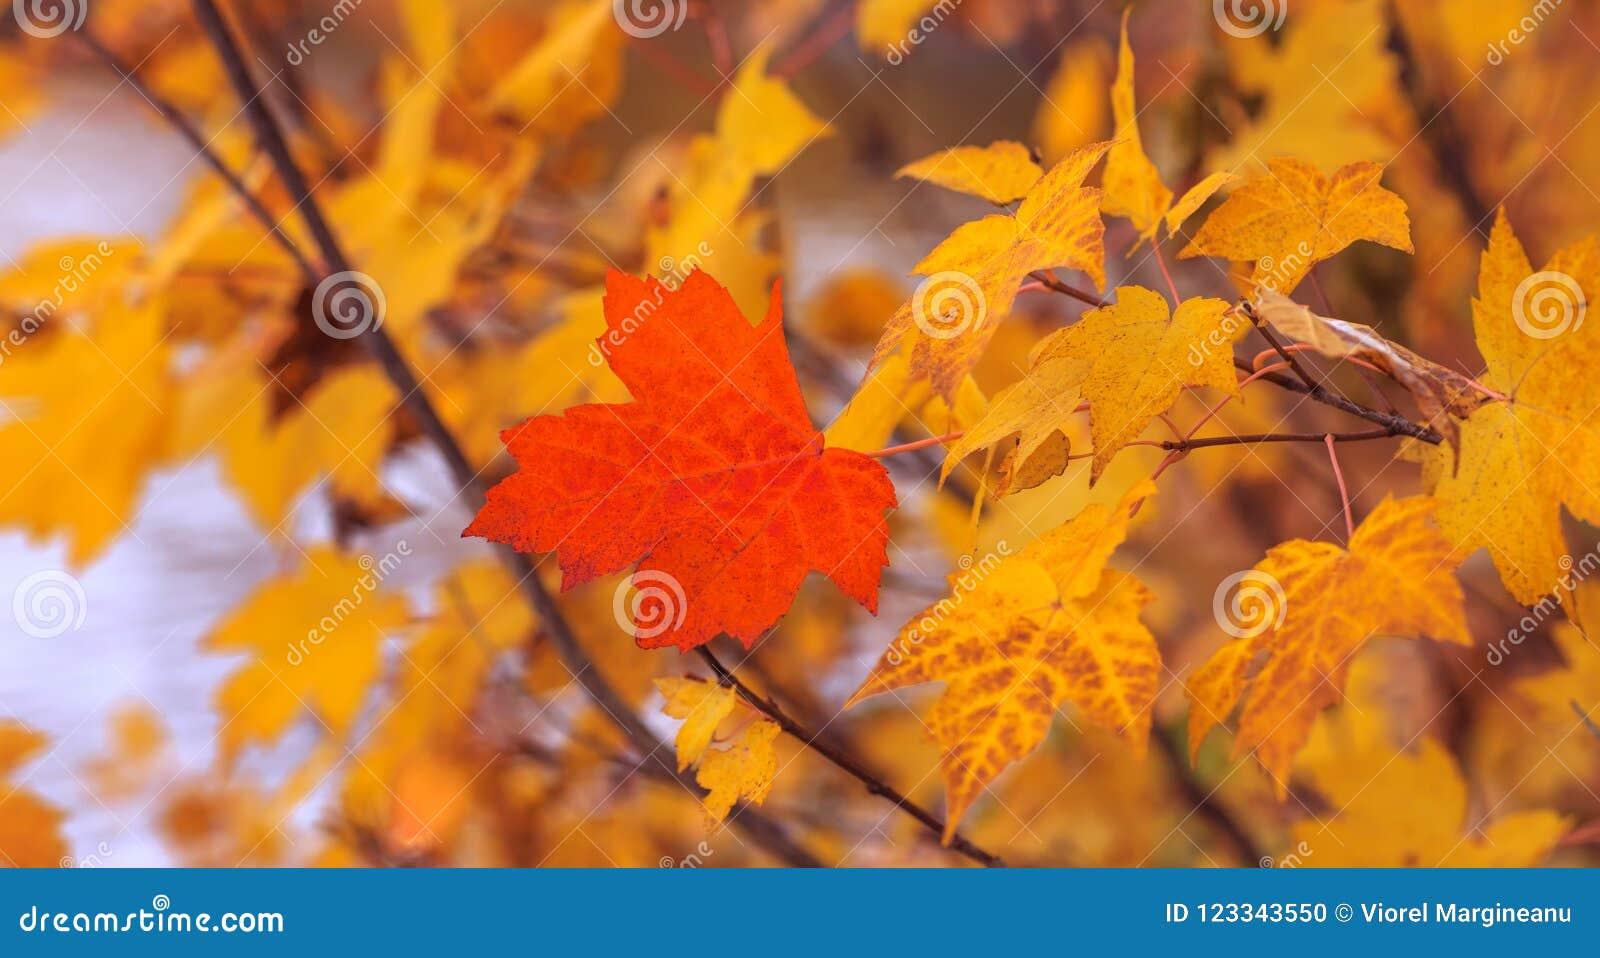 Rood die esdoornblad op achtergrond van anderen gele bladeren wordt geïsoleerd N